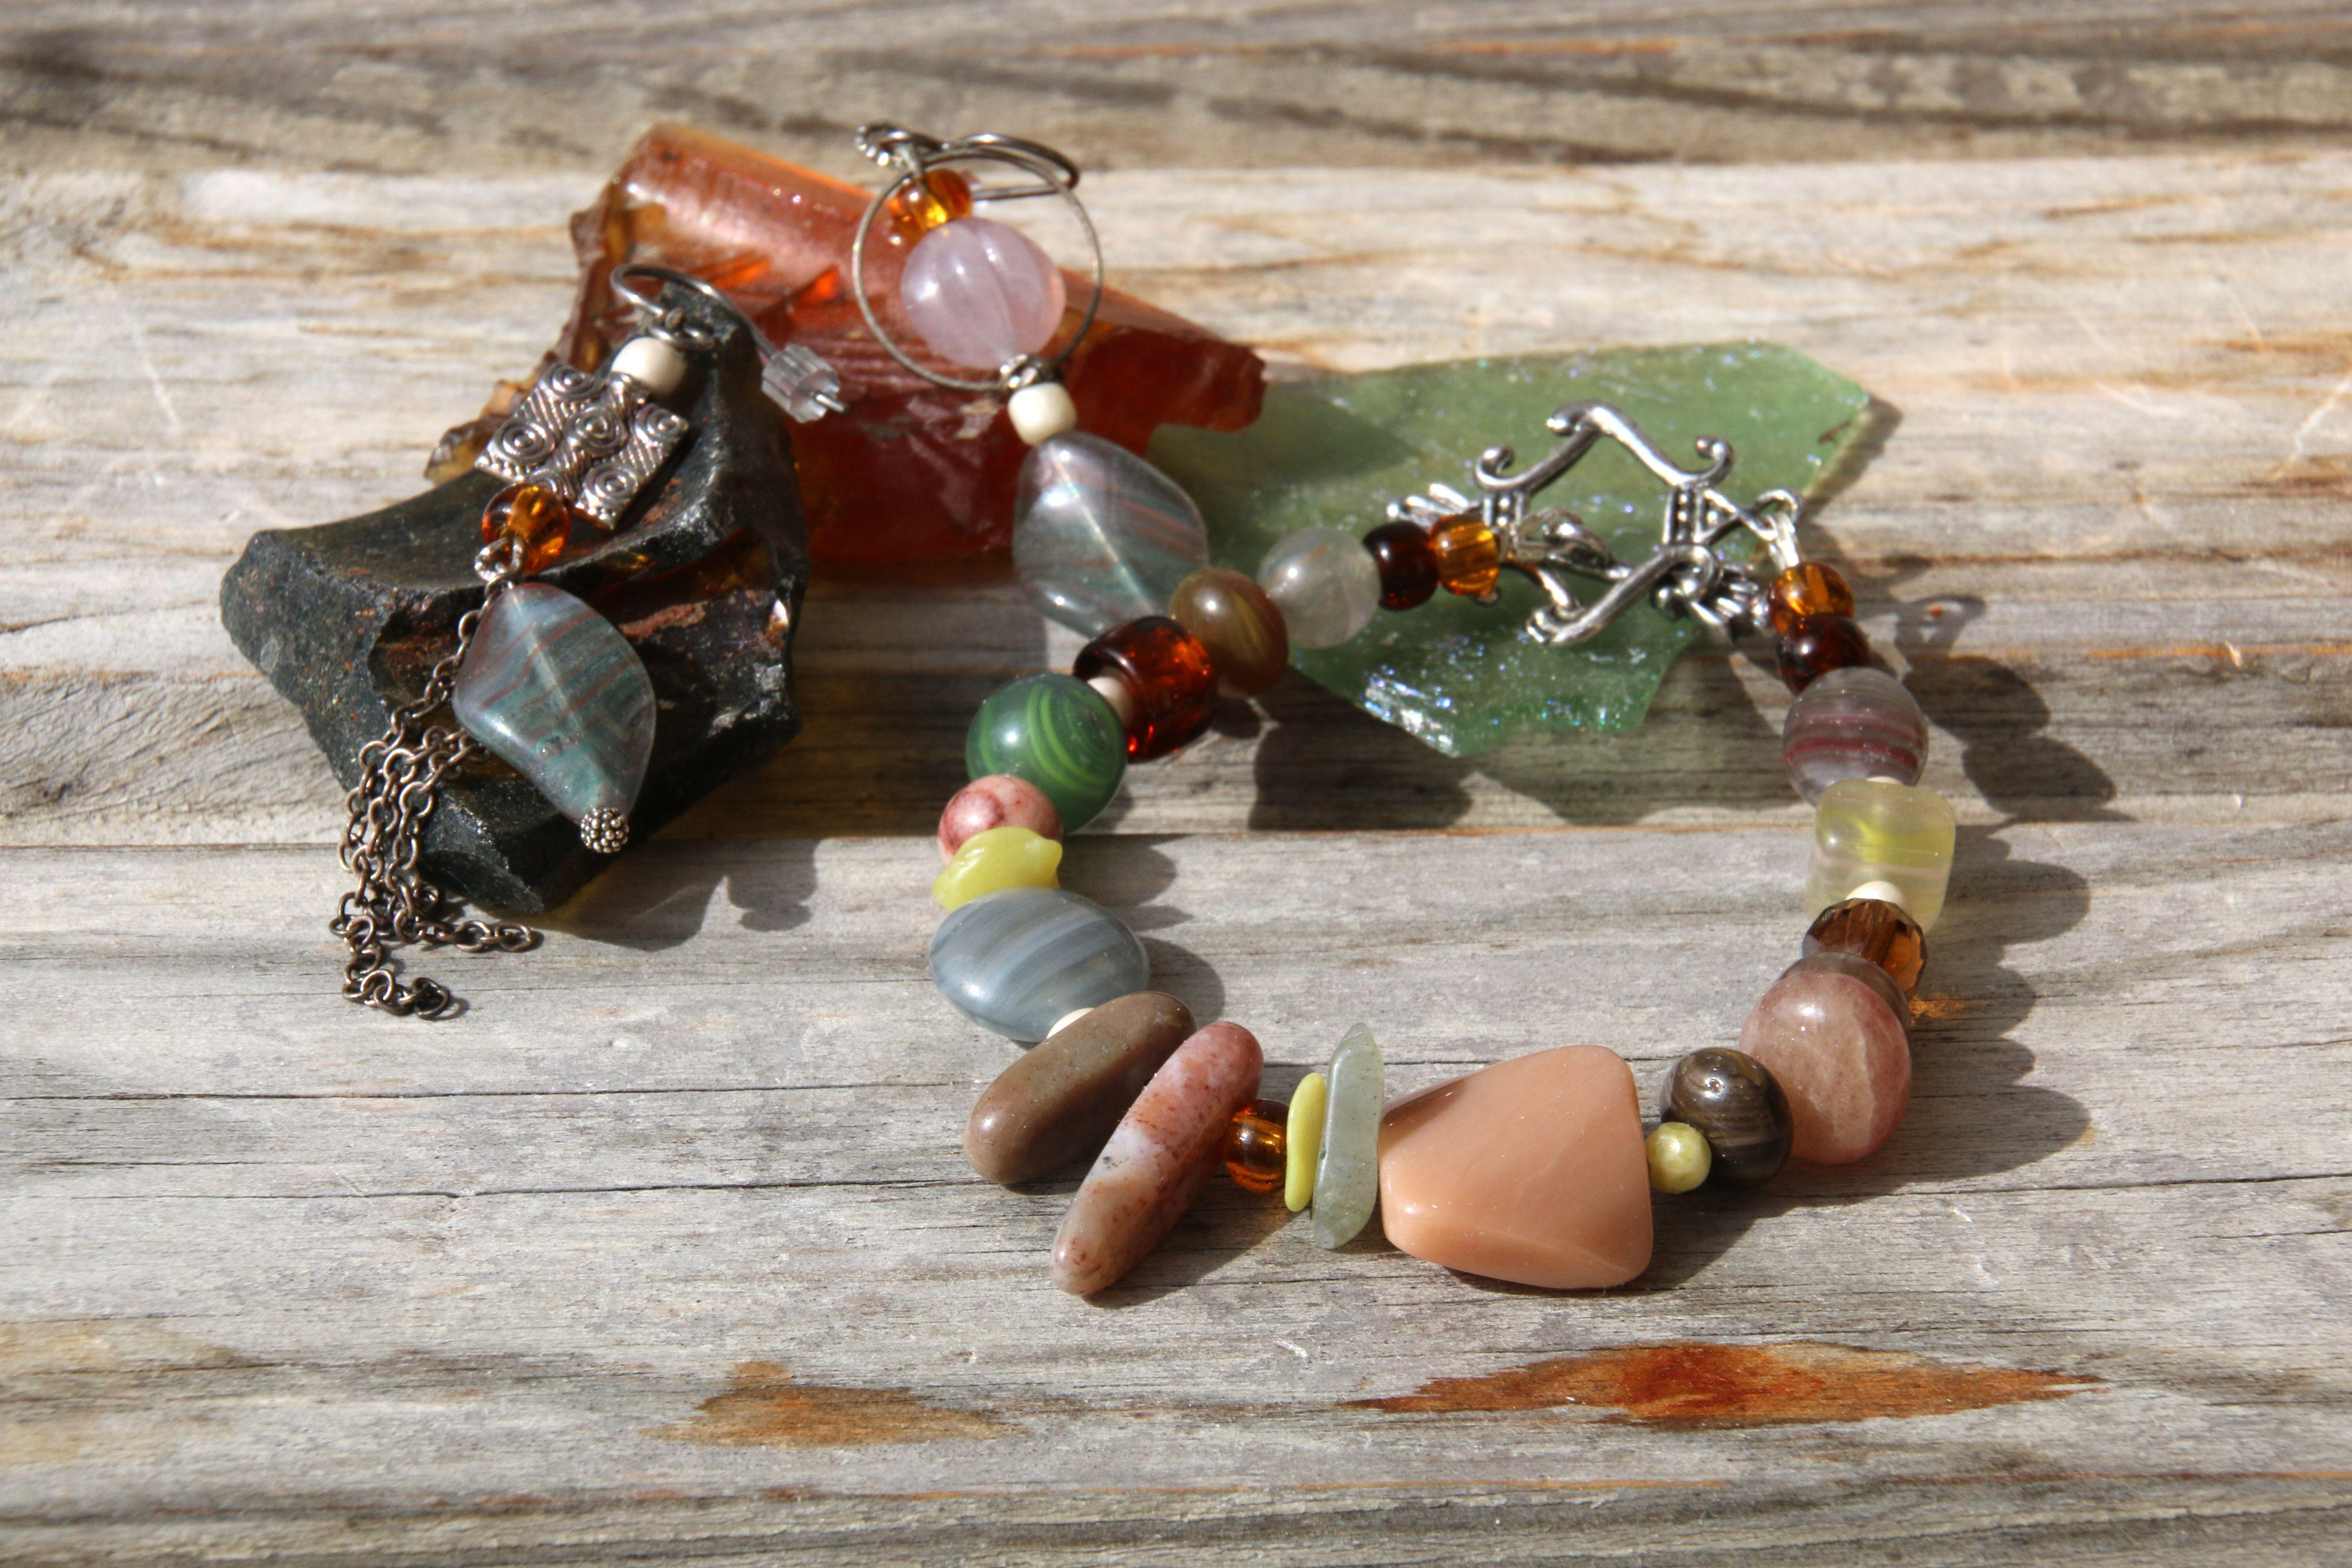 серозеленый стеклянный винтаж патина пыльнорозовый серьги браслет коричневый натуральные комплект прозрачный коньячный лесной зеленый камни